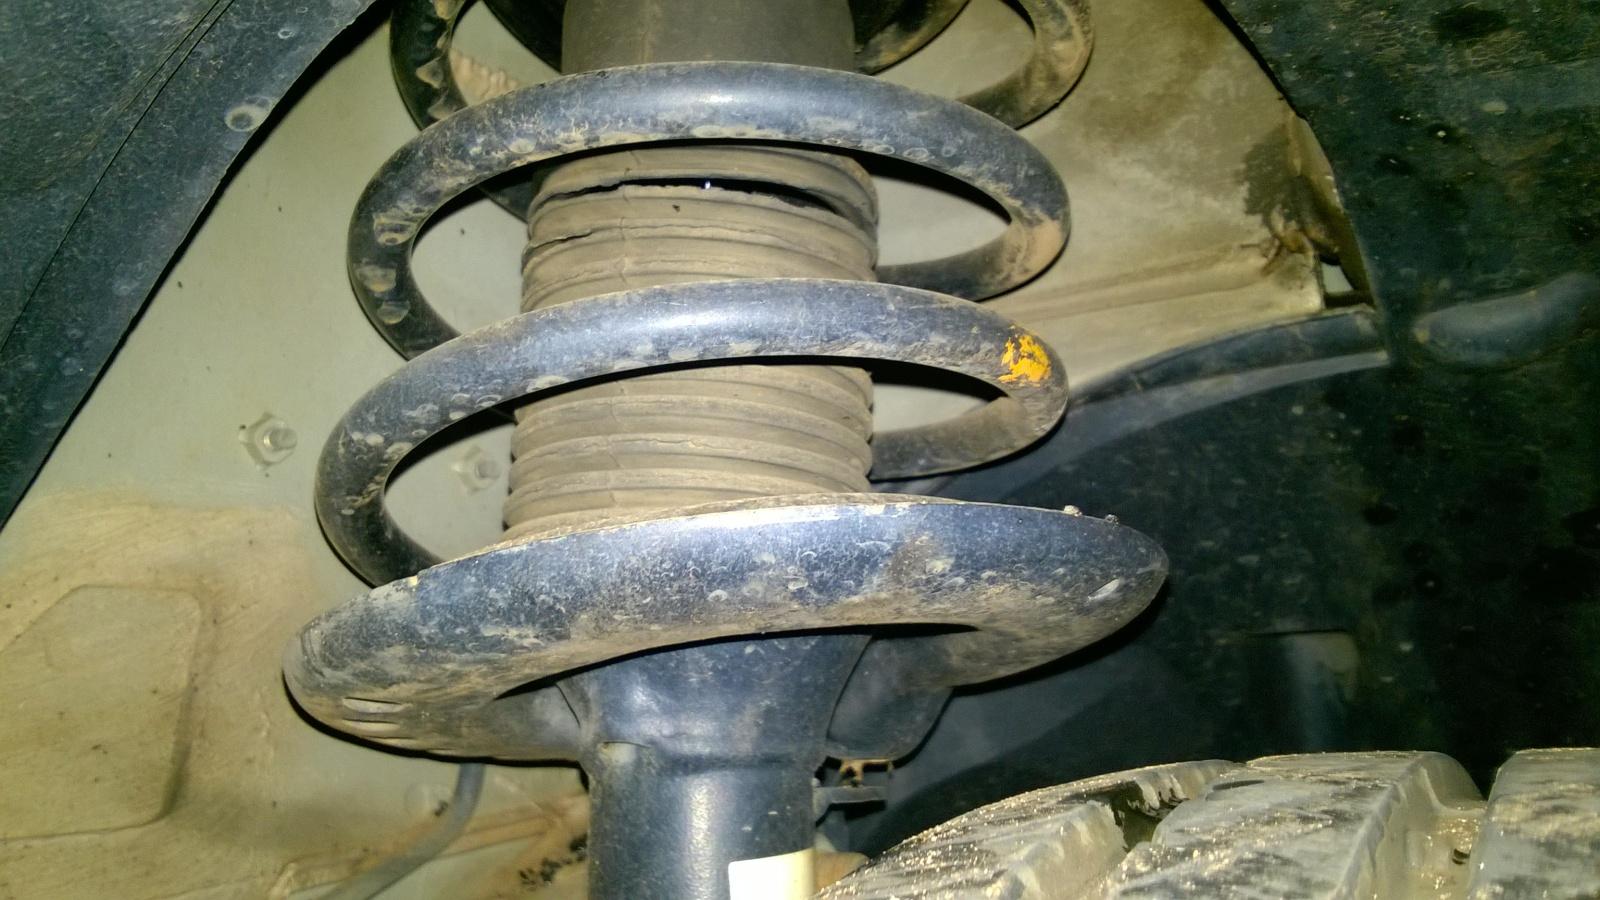 Tropicalização da suspensão dura do Nissan Sentra B16 (antigo Sentra) Zvt0lg